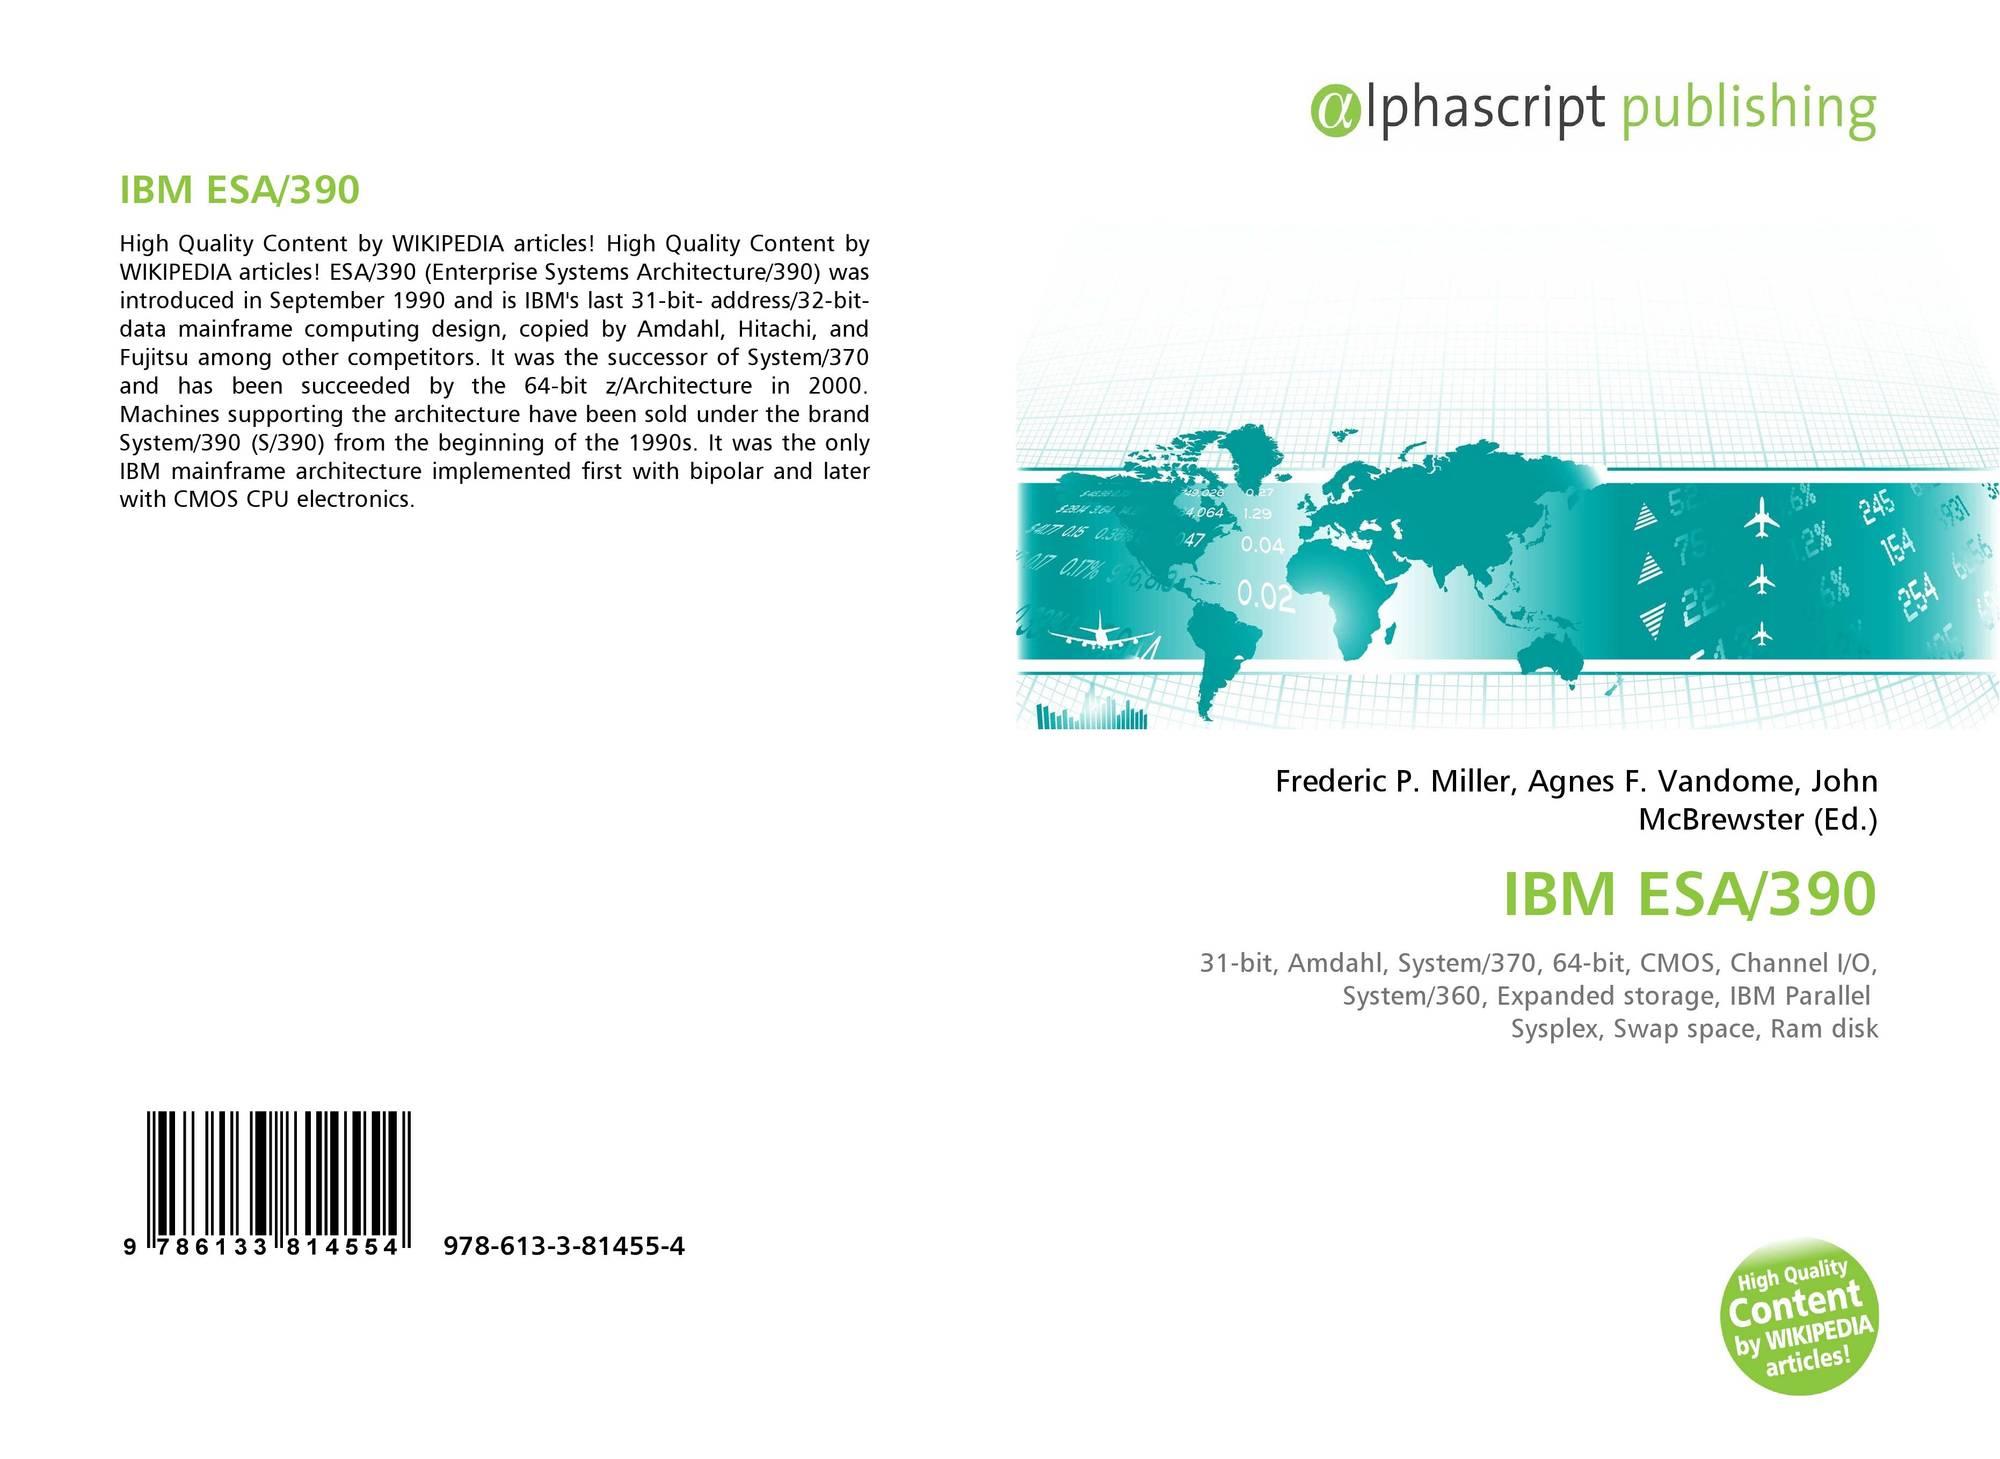 IBM ESA/390, 978-613-3-81455-4...